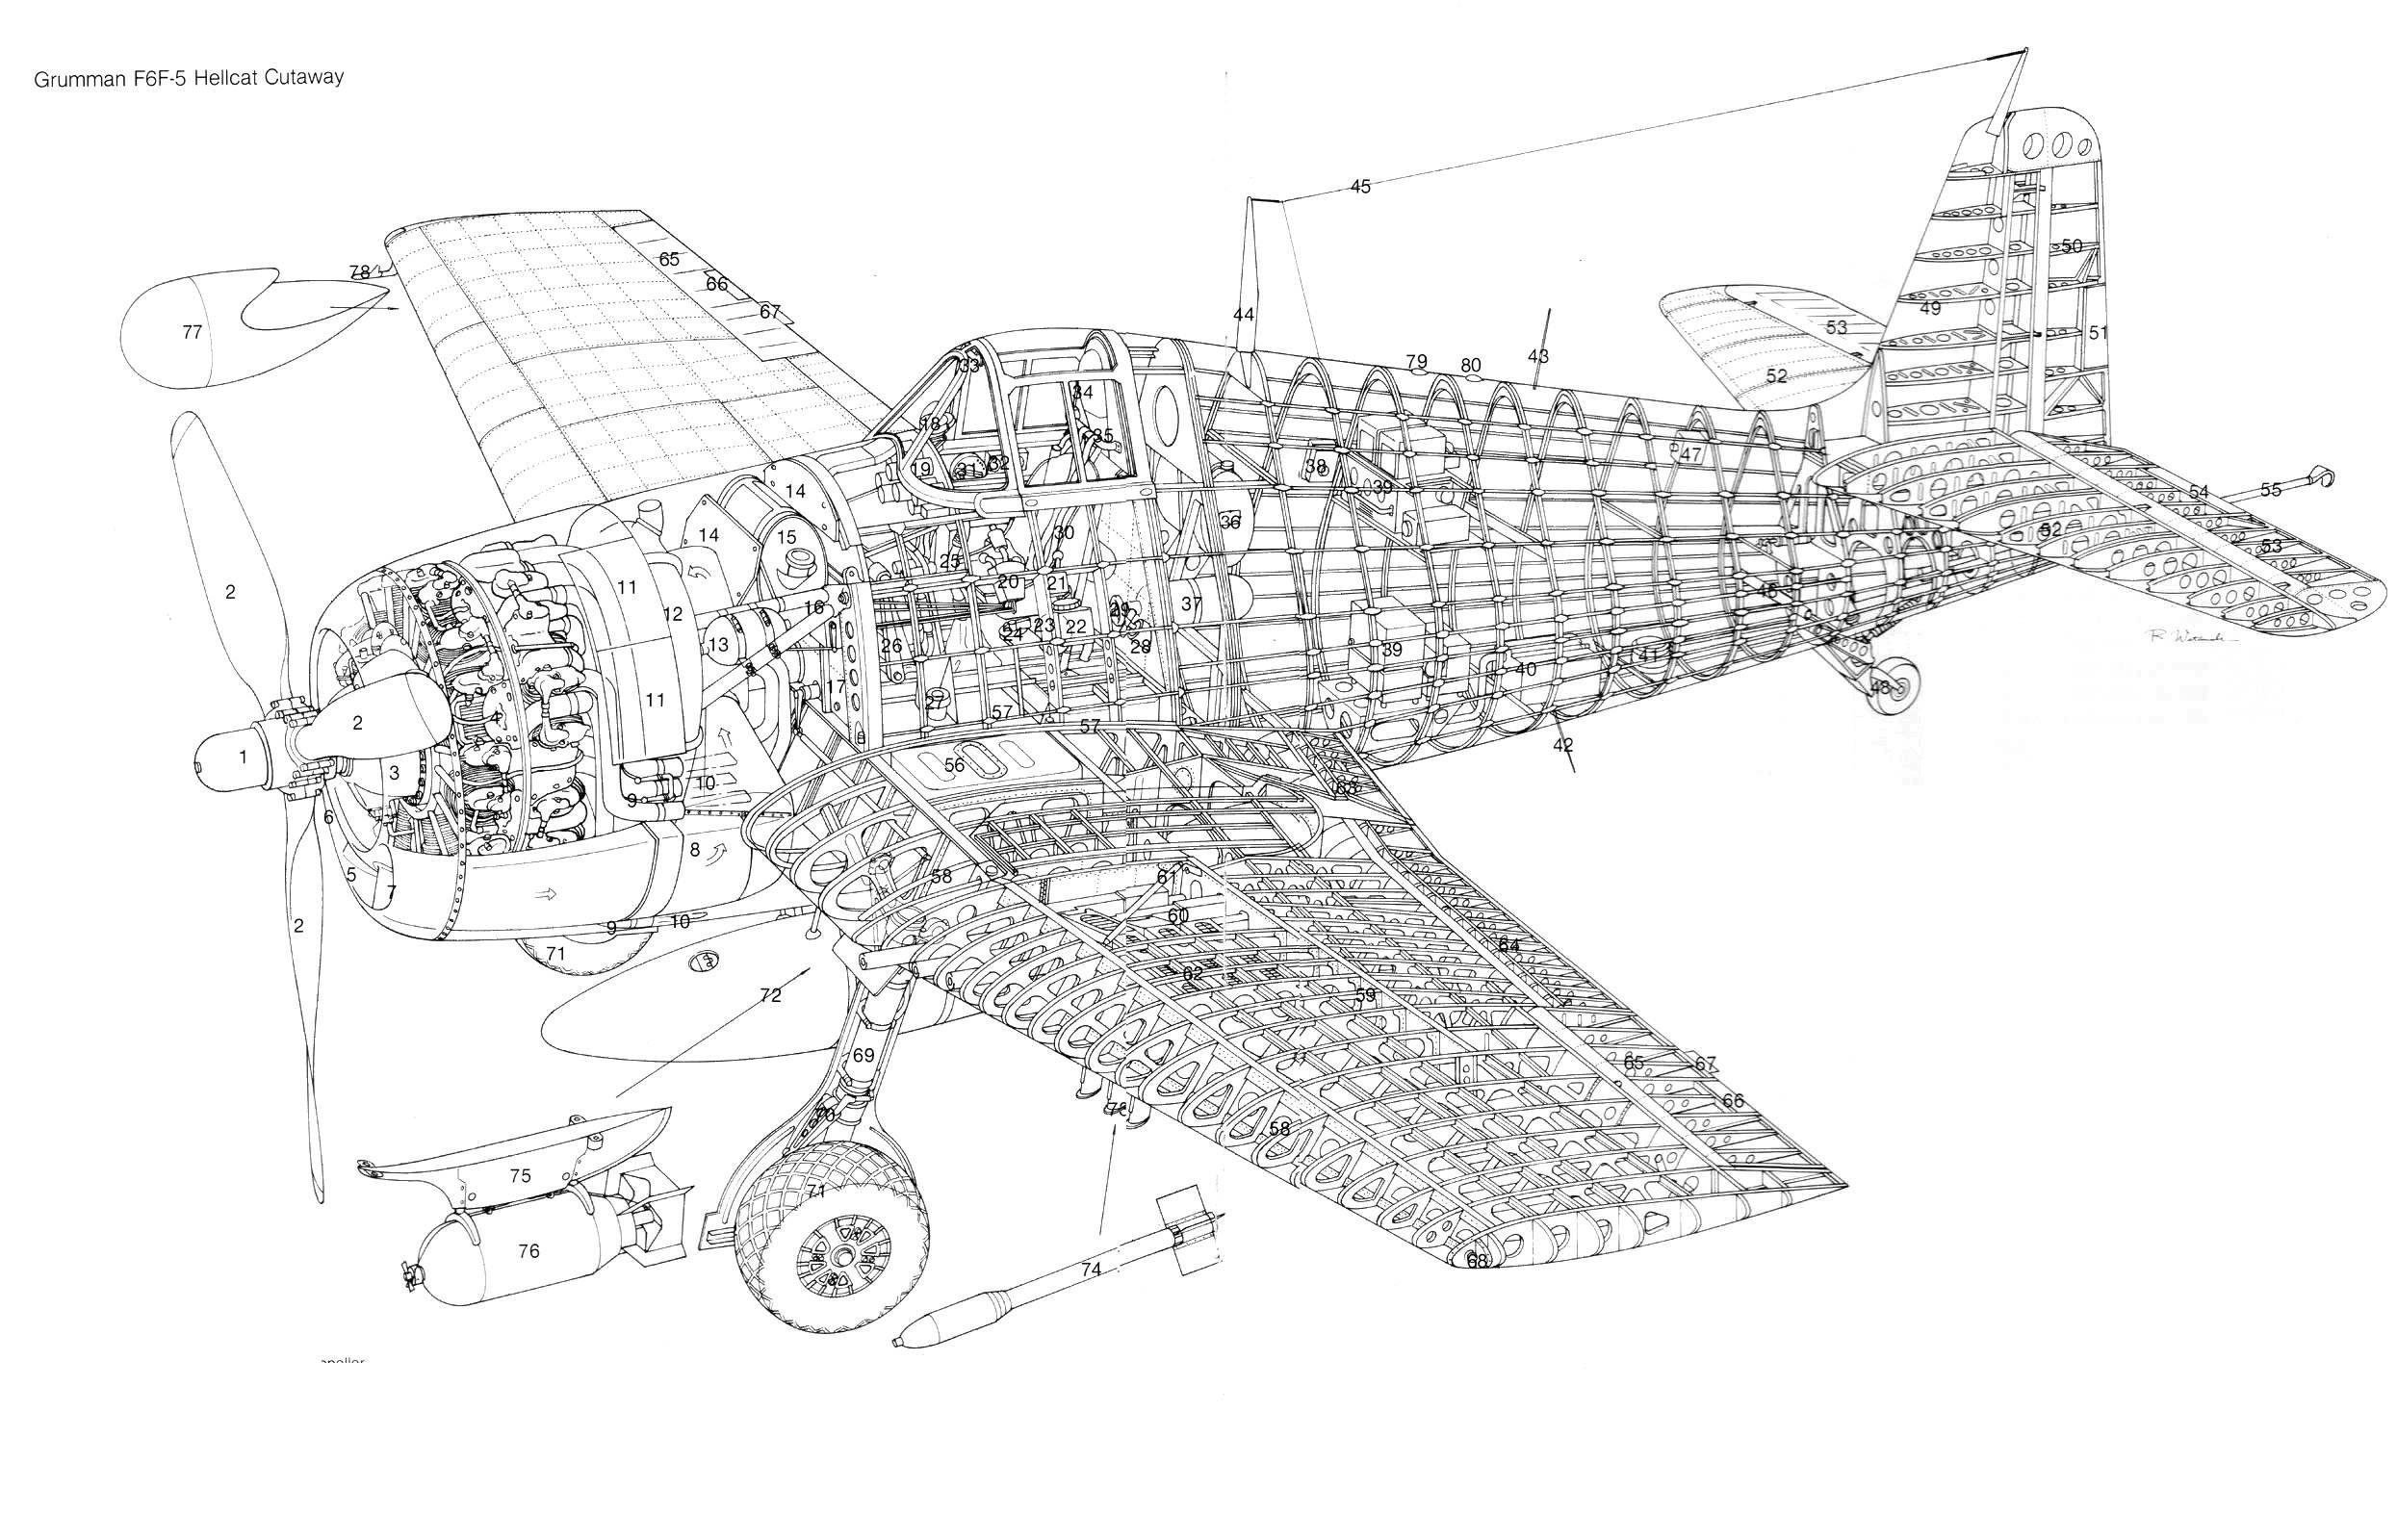 Grumman F6f 5 Hellcat Cutaway